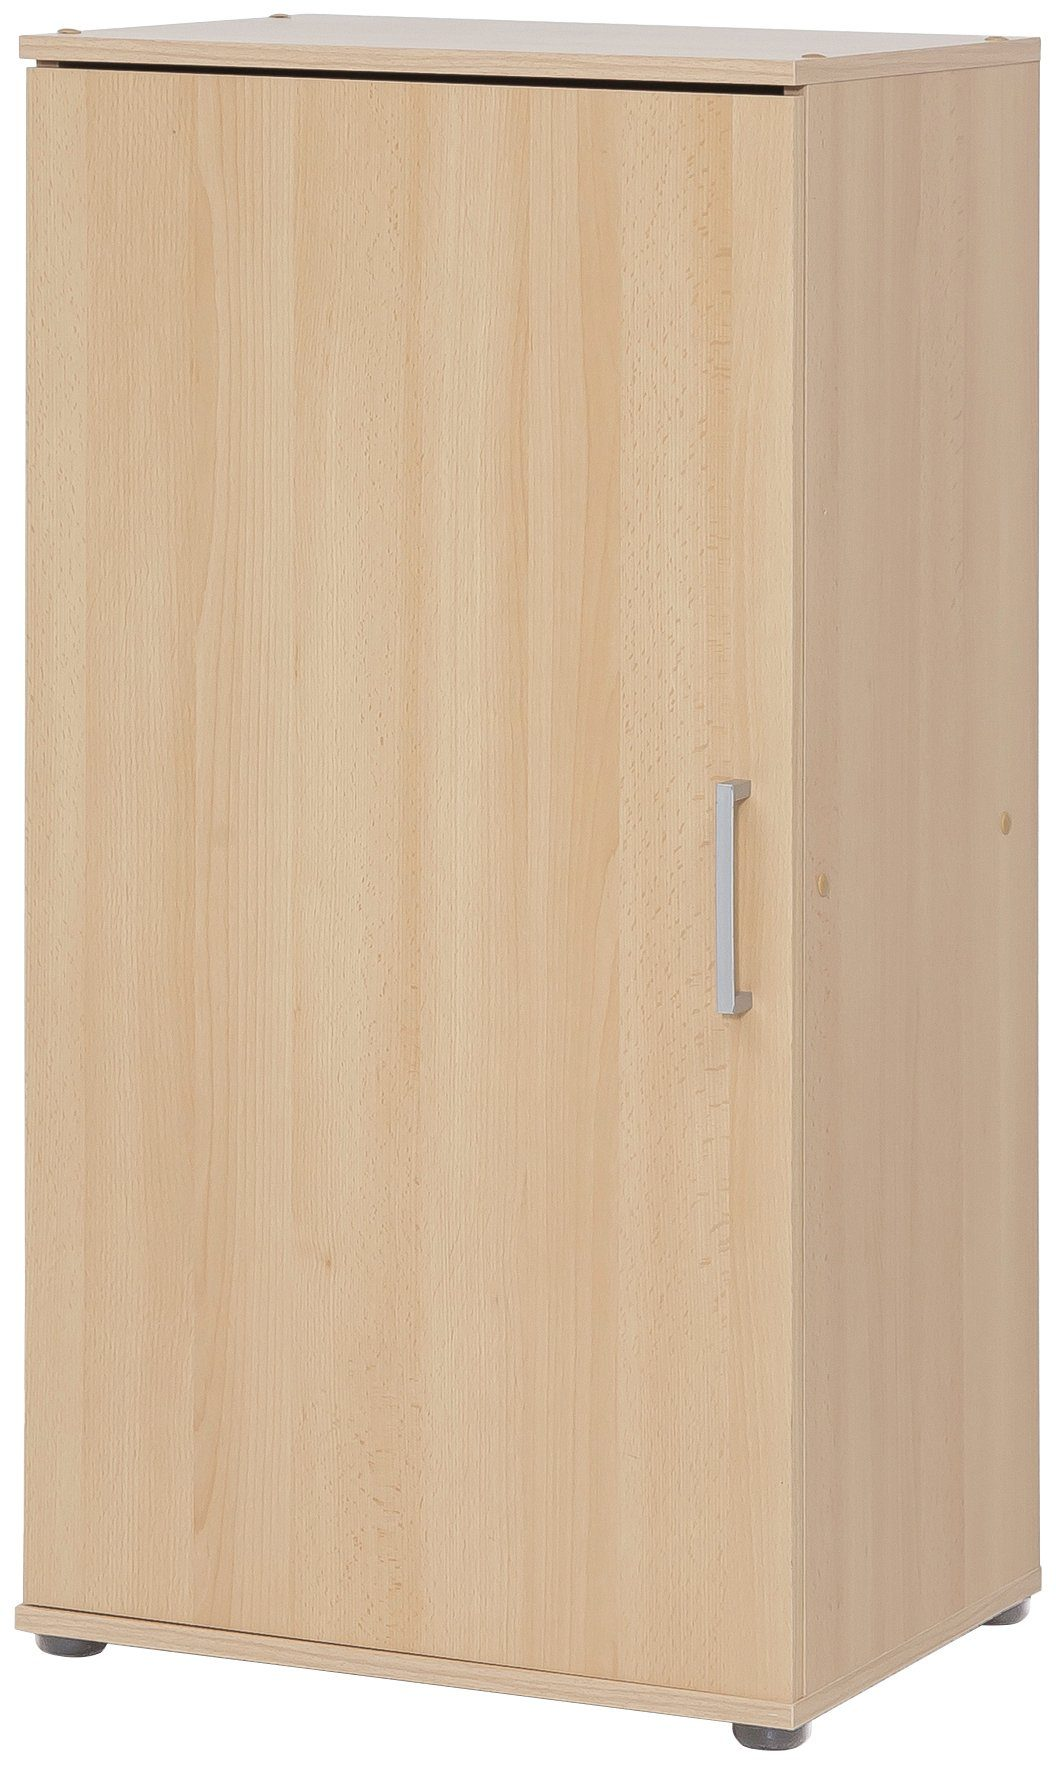 Mehrzweckschrank »Schuhschrank Buche«, 1-trg., H/B/T: 101 x 50 x 39 cm, 5 Einlegeböden